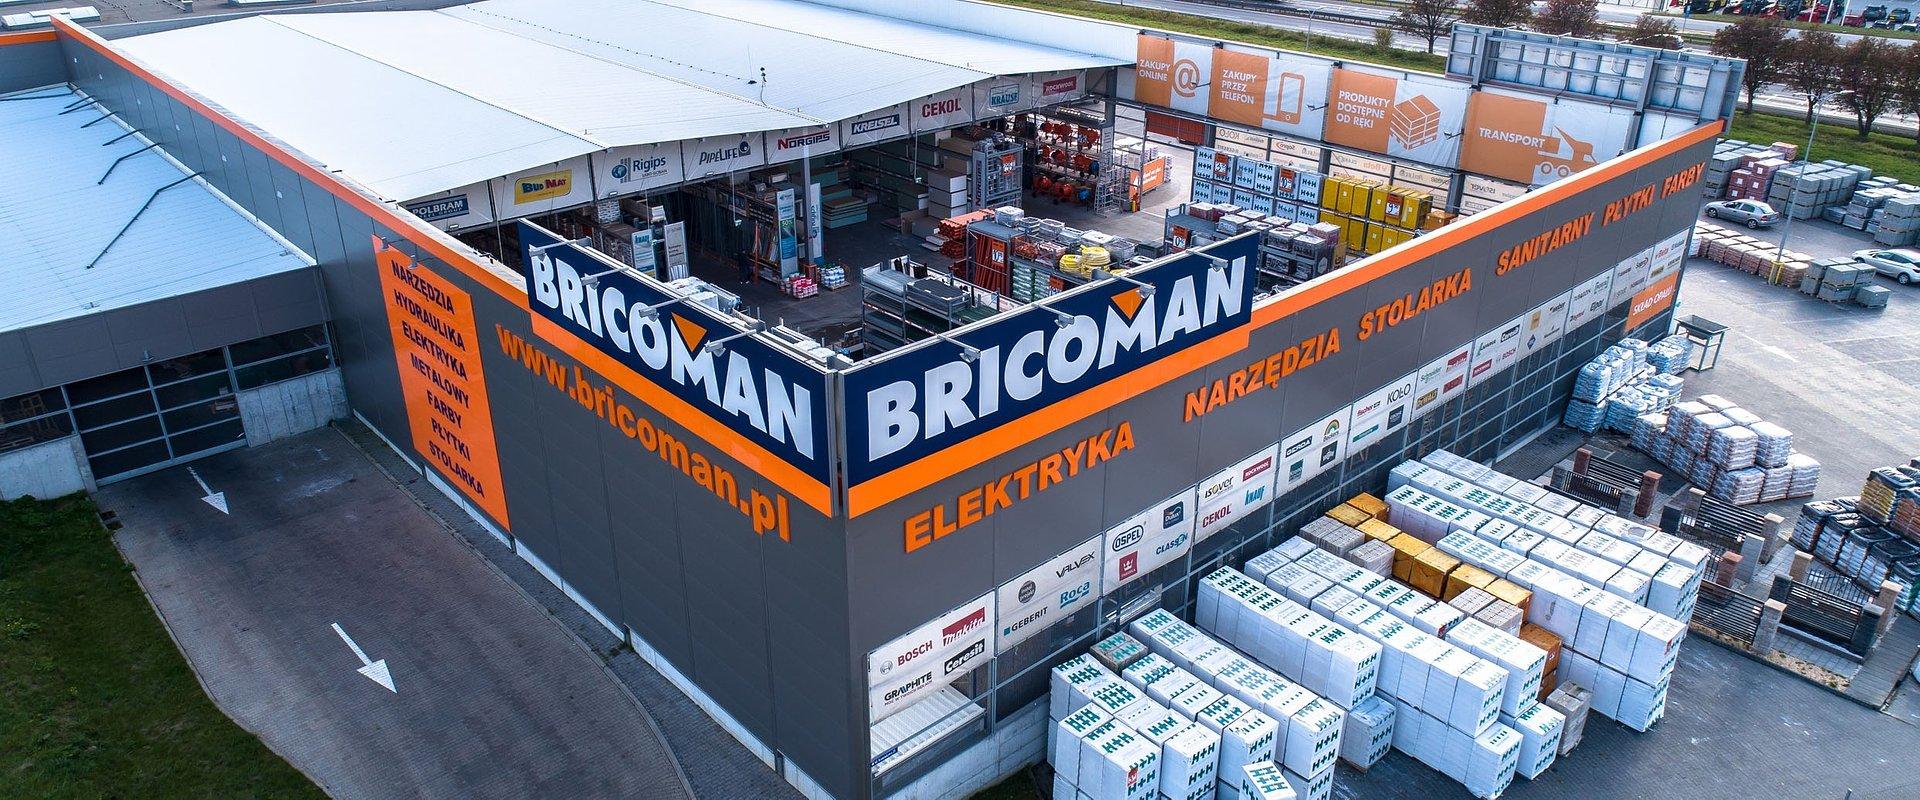 Dni otwarte Odnawialnych Źródeł Energii w sklepie Bricomana w Poznaniu